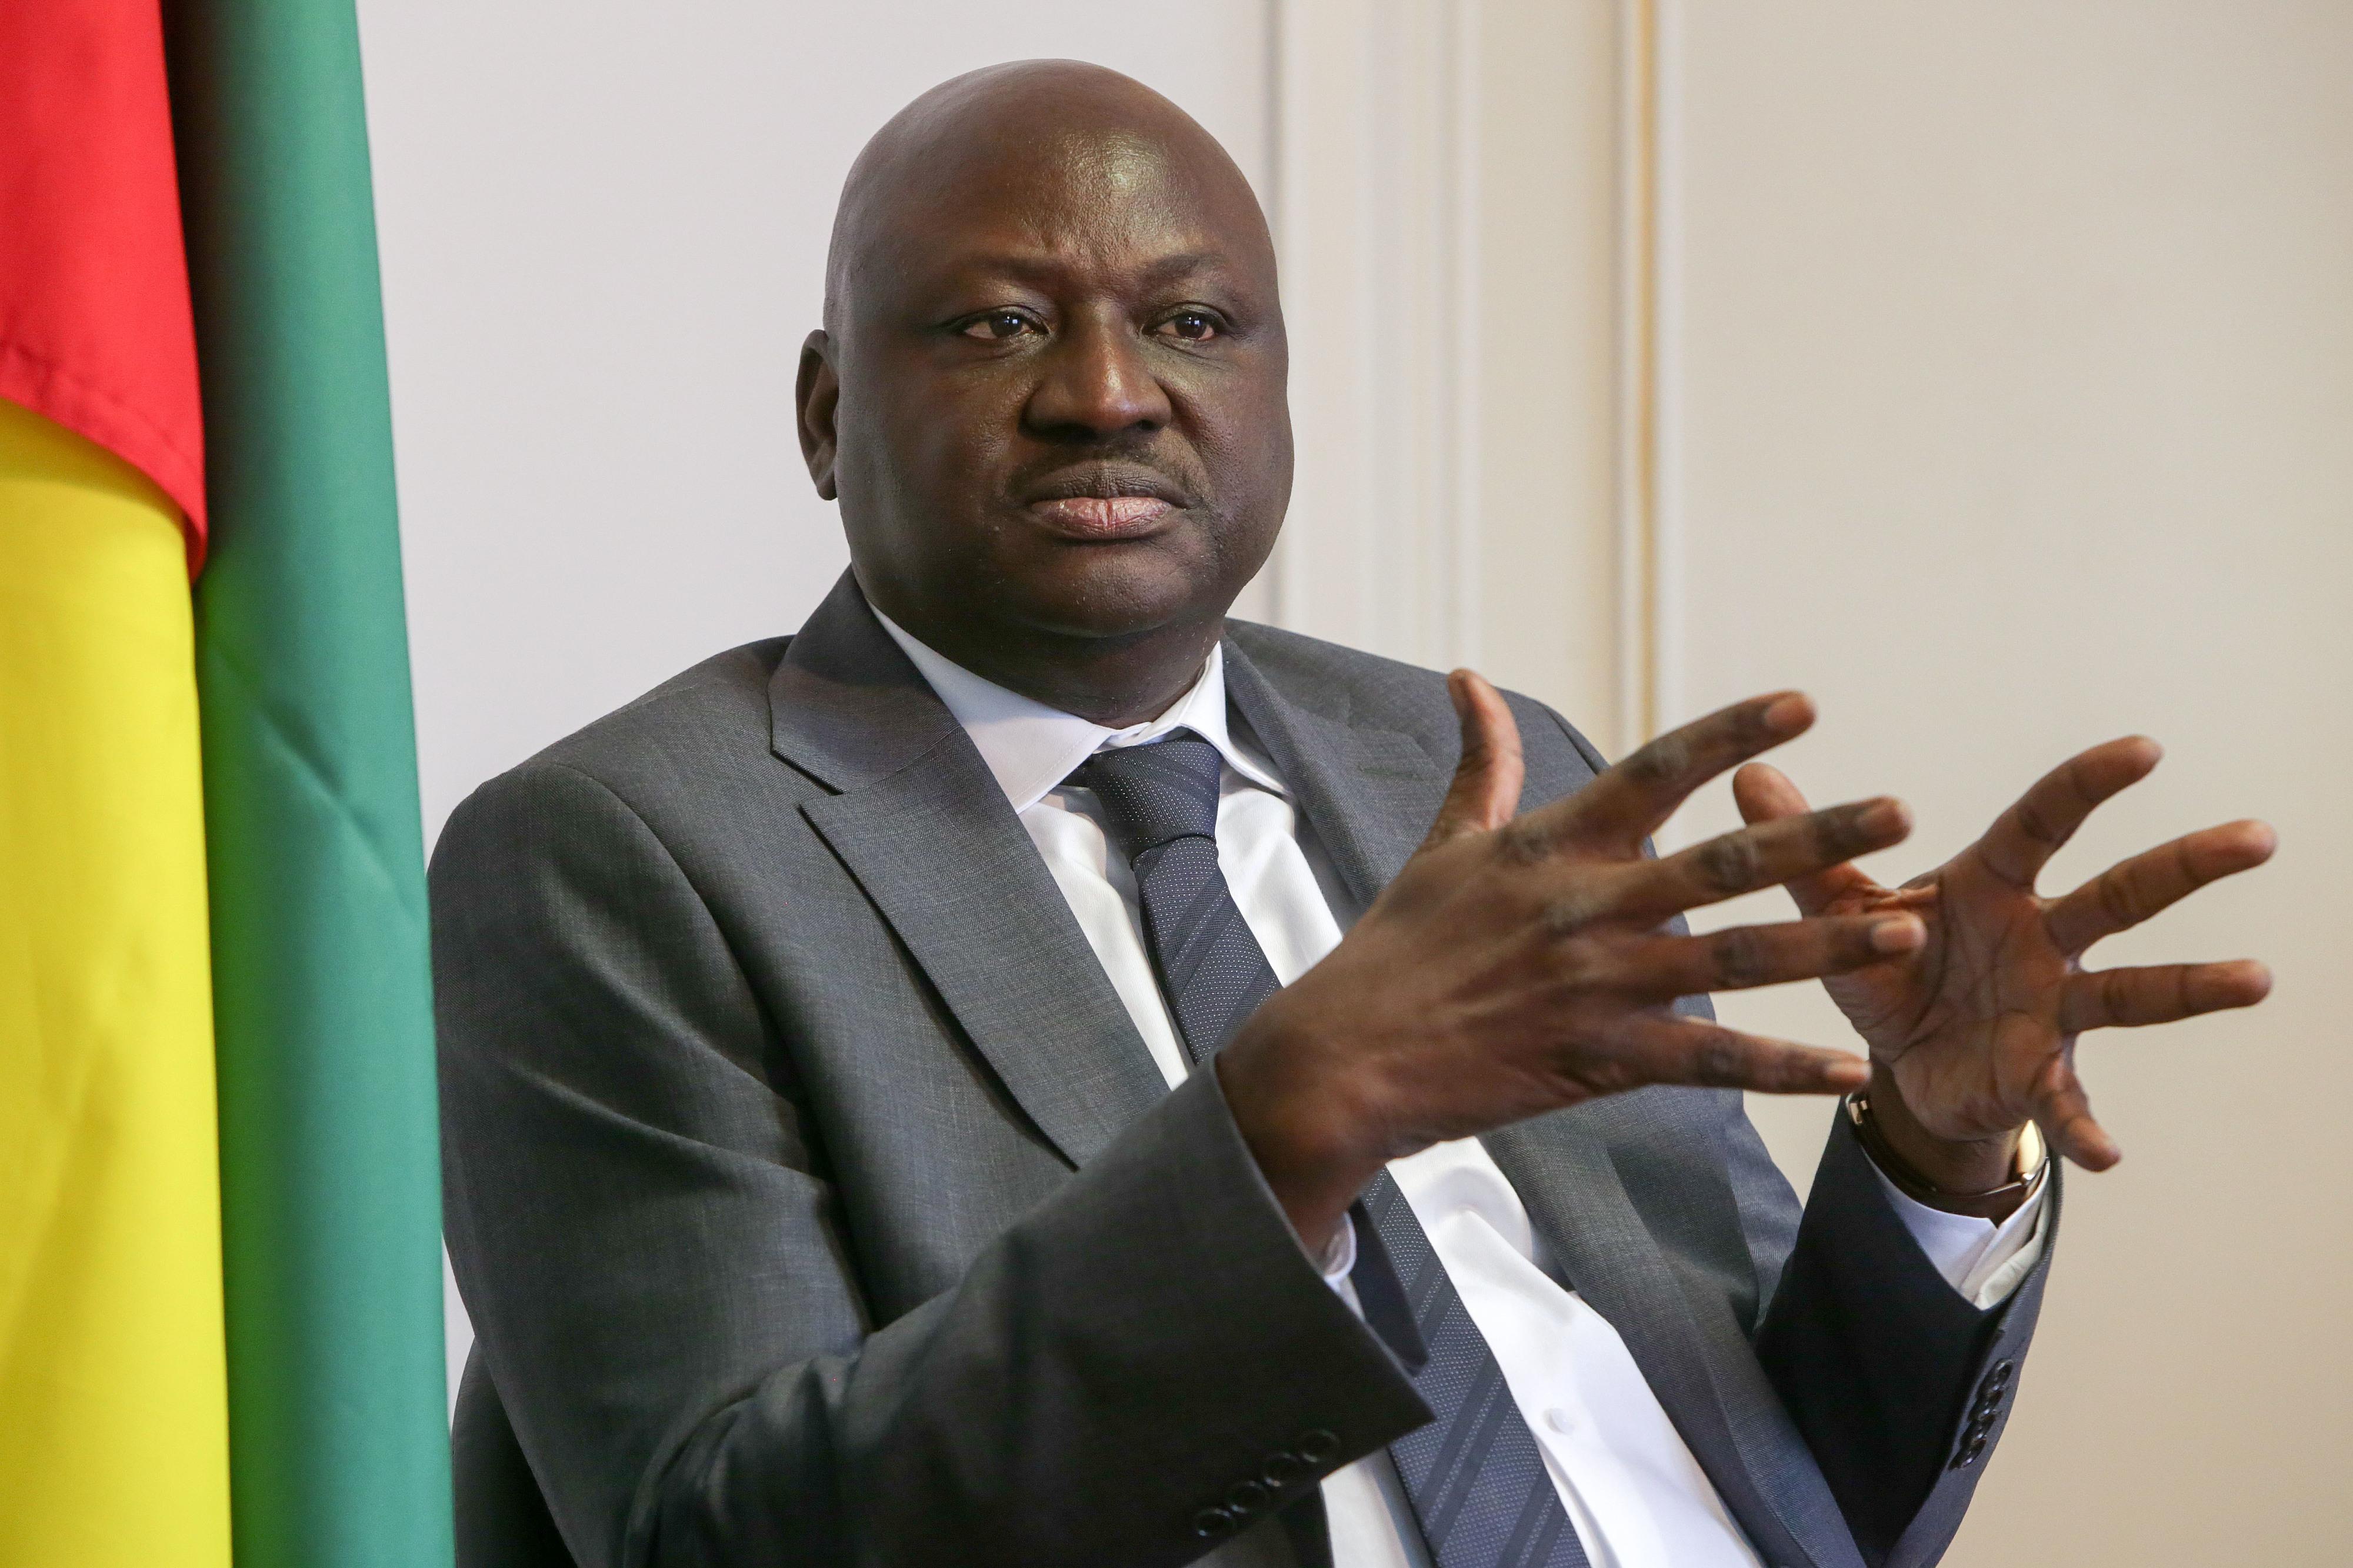 Primeiro-ministro da Guiné-Bissau denuncia tentativa de golpe de Estado